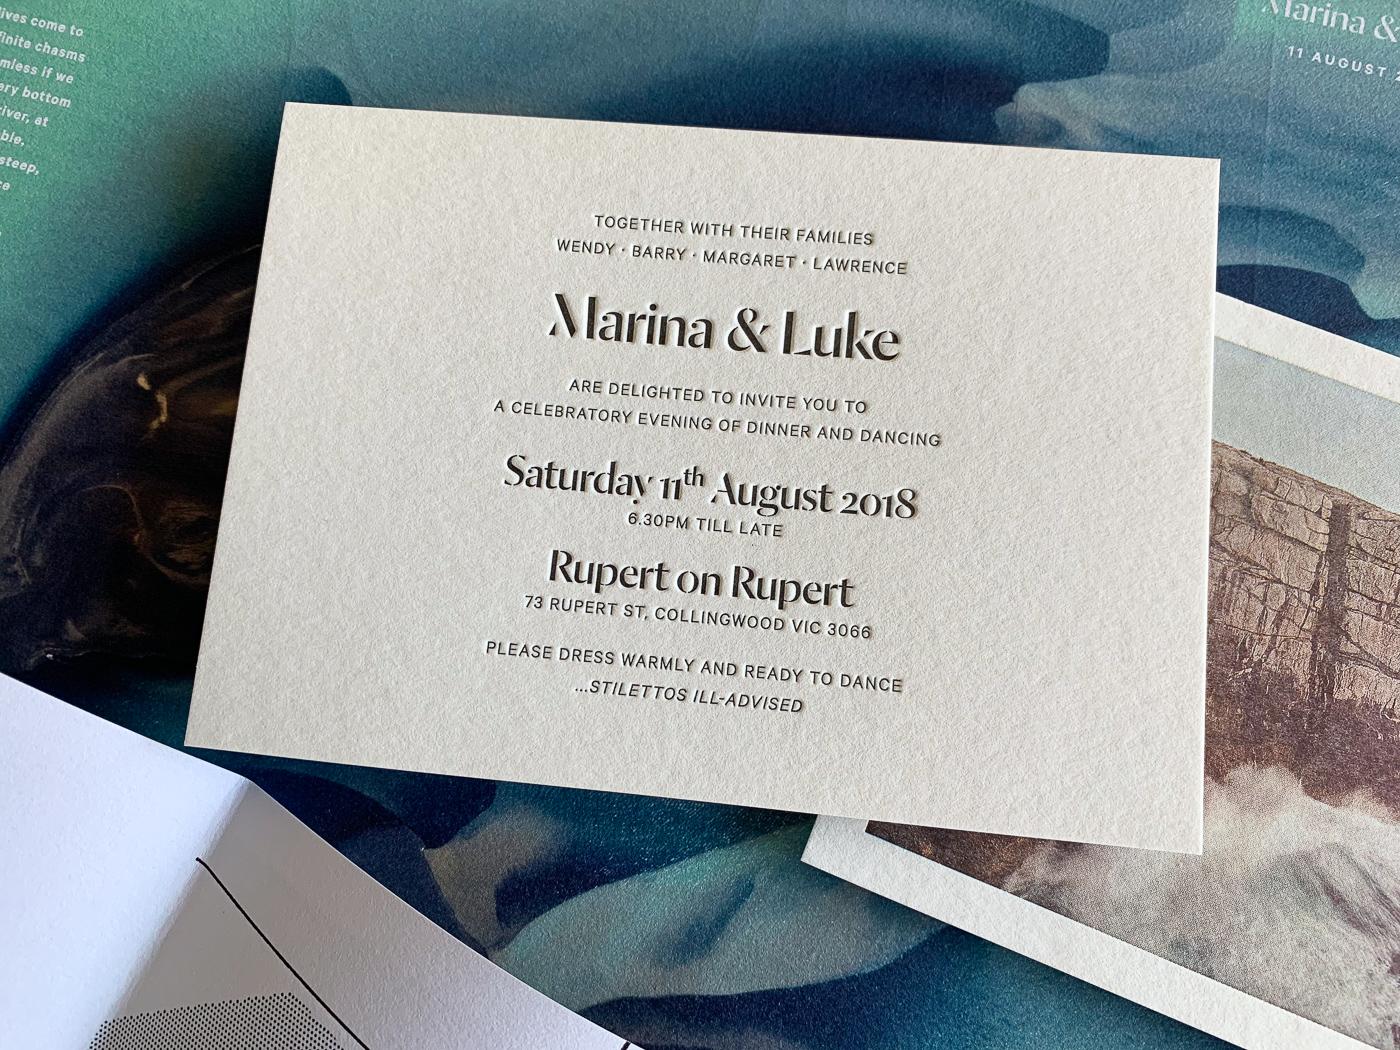 Unique letterpress photographic invitations designed for Marina and Luke on wild 8